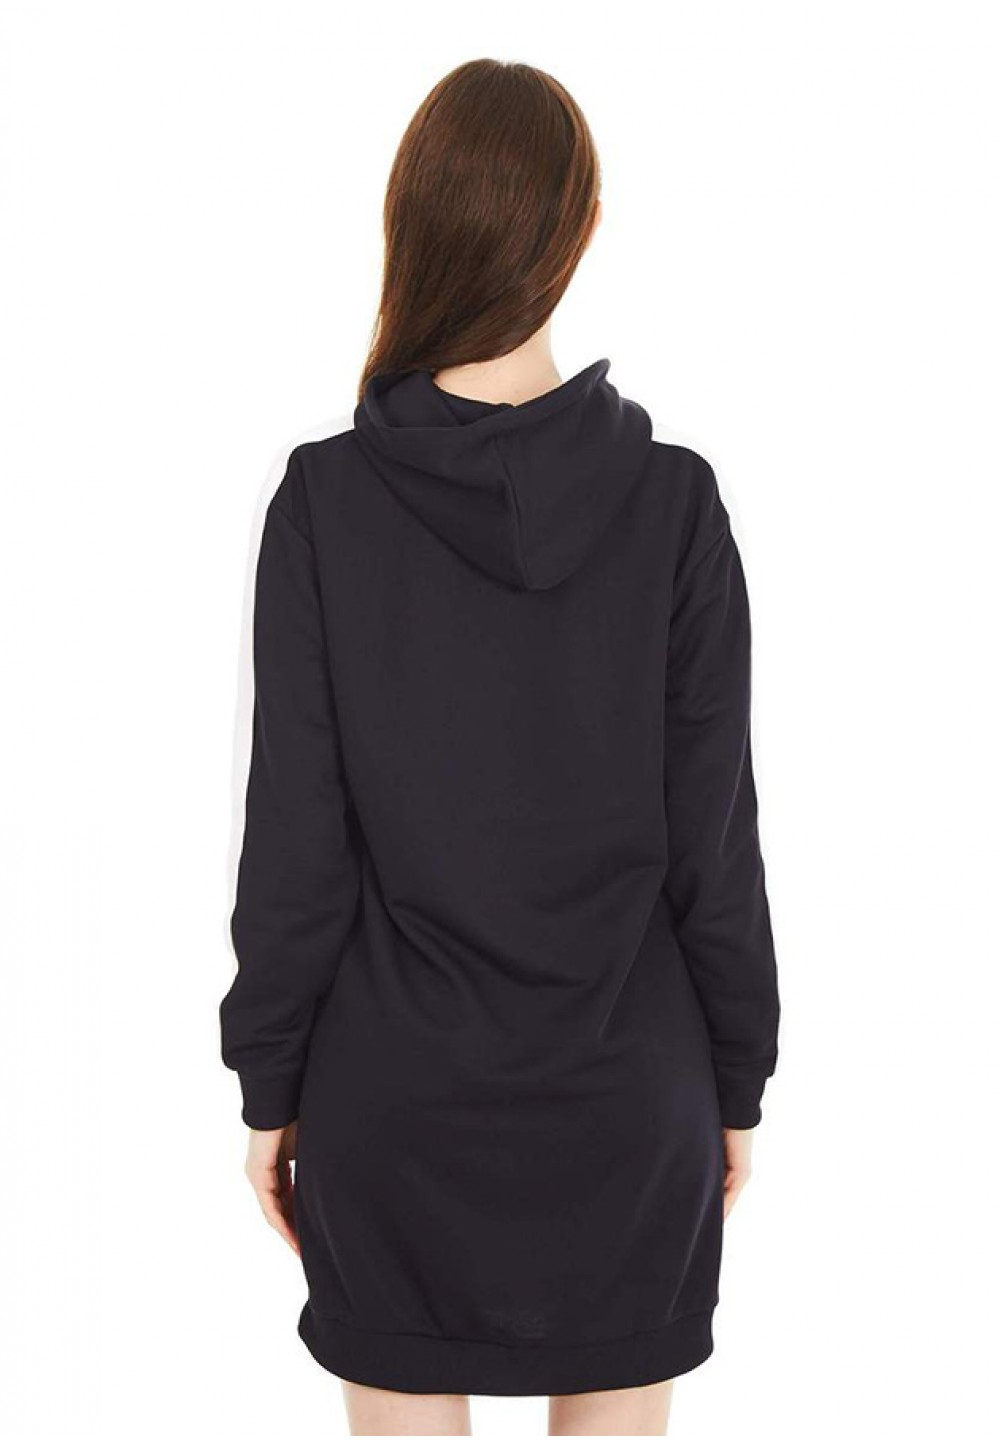 Черное спортивное платье с капюшоном